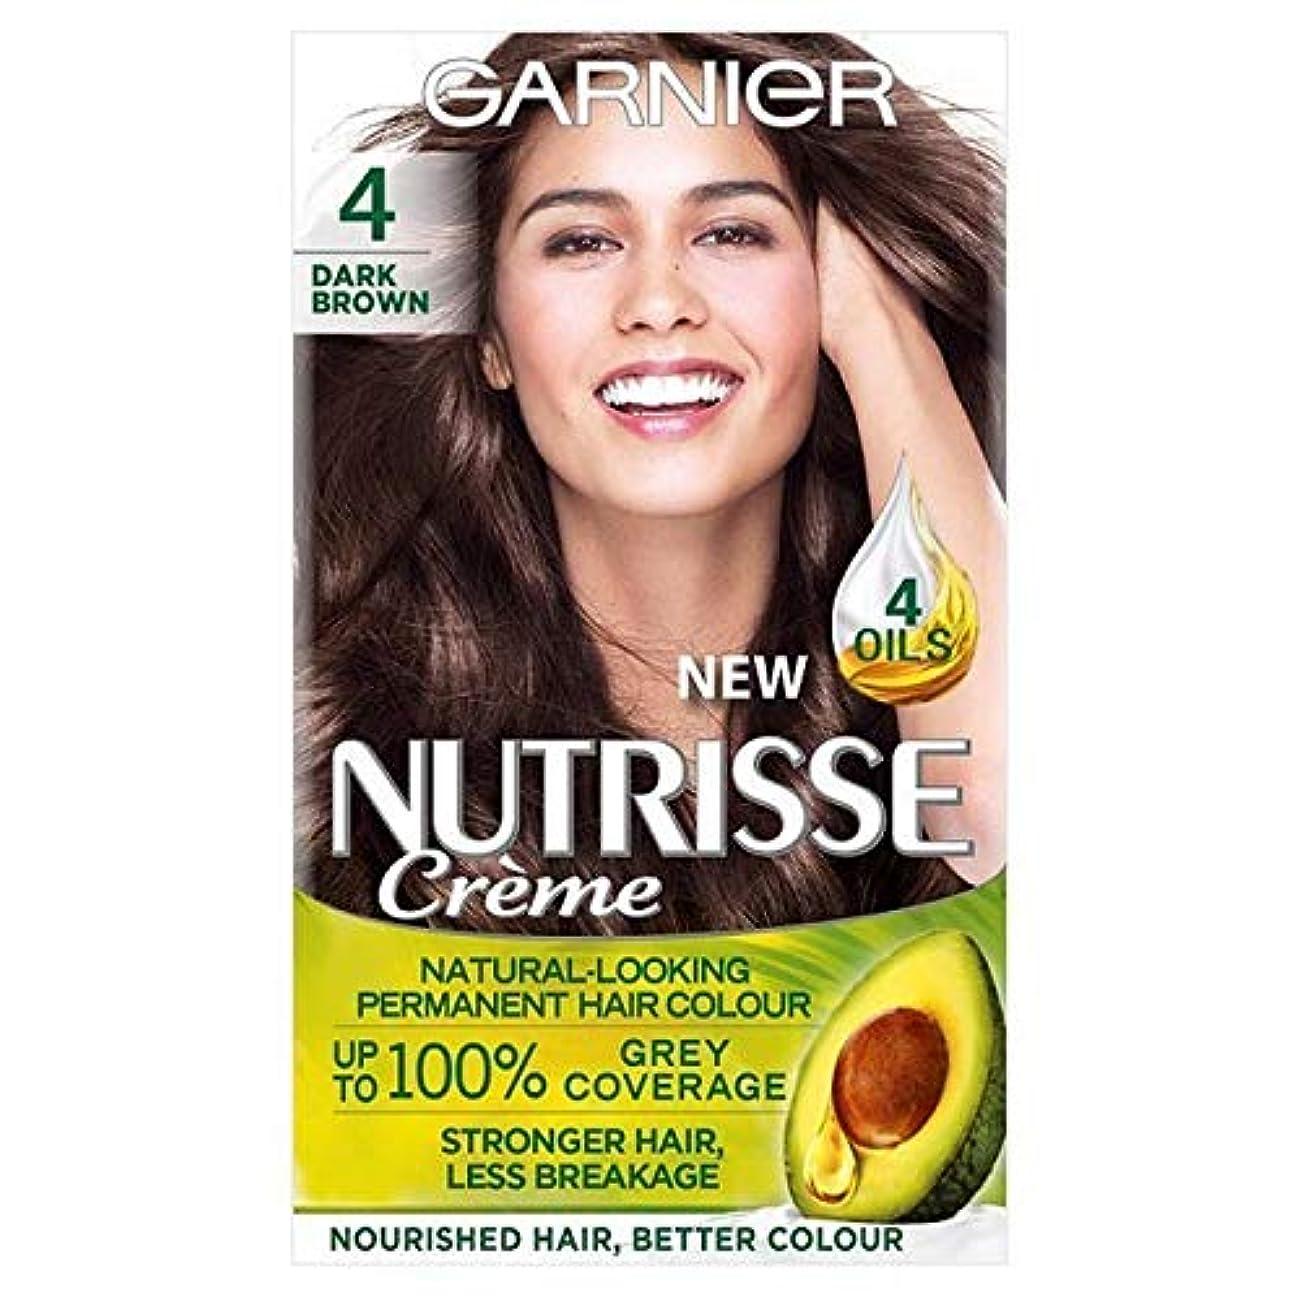 ホステスすずめ確認してください[Garnier ] ガルニエNutrisse永久染毛剤ダークブラウン4 - Garnier Nutrisse Permanent Hair Dye Dark Brown 4 [並行輸入品]